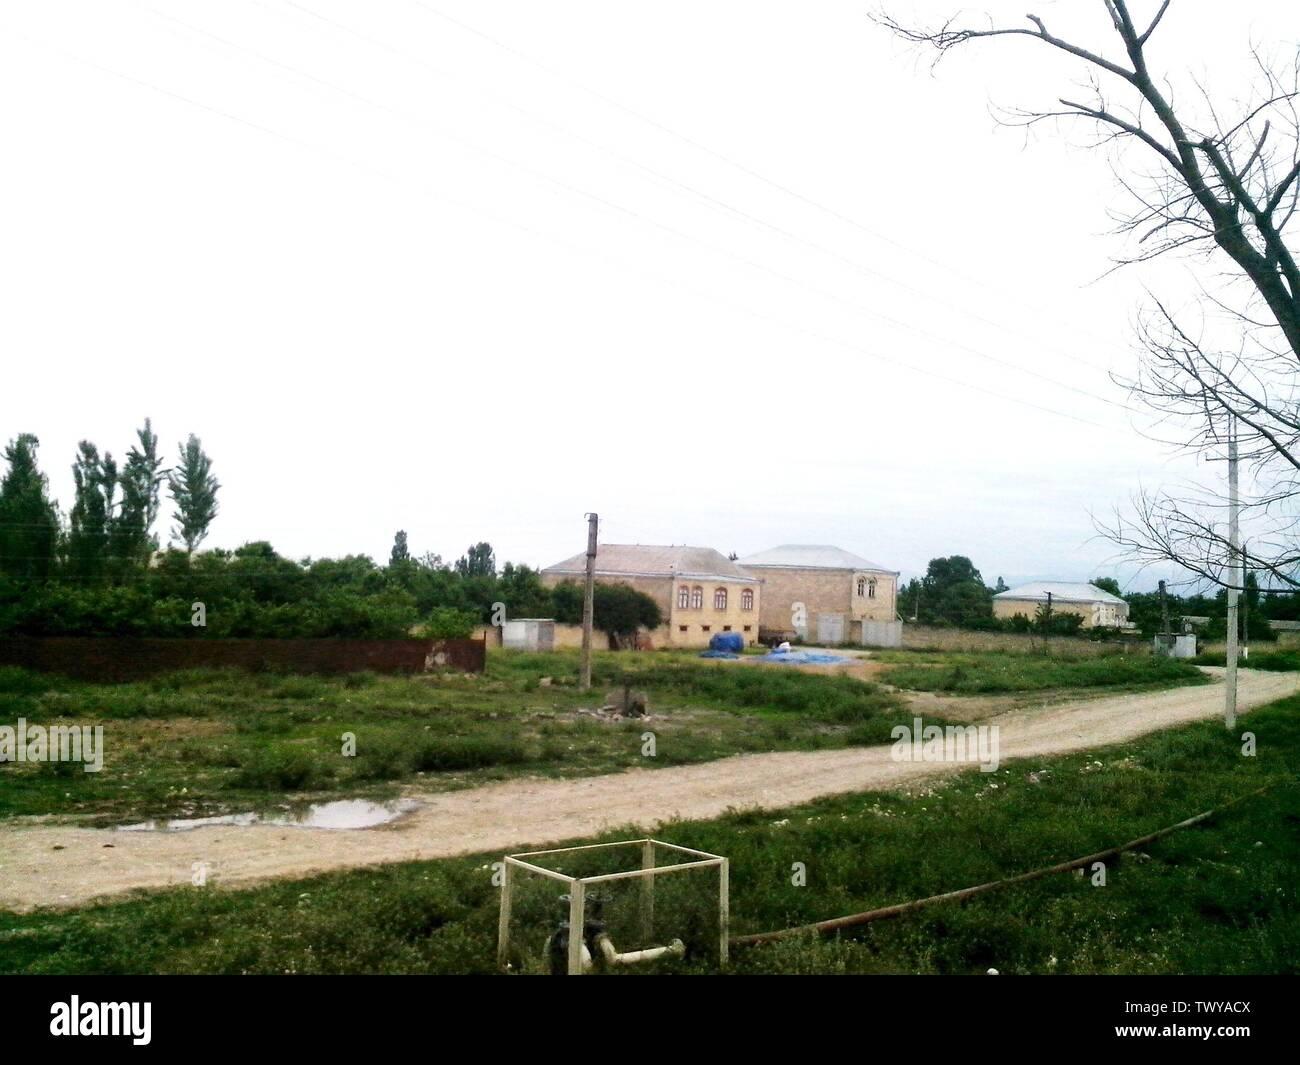 'Azərbaycanca: Aşağı Atuc, Quba; 2 juin 2013, 18:14:30; travail; Tərxan Paşazadə (1982-) noms alternatifs Tarkhan Pashazade, Cekli829 Description photographe azerbaïdjanaise, Q12847312 et comité d'Etat pour travailler avec les organisations religieuses Date de naissance 29 novembre 1982 Lieu de naissance Lieu de travail Sumqayit Sumqayit Quba;;; Bakou Q12547942 contrôle d'autorité: Q59098230 créateur QS:P170,Q59098230; ' Photo Stock